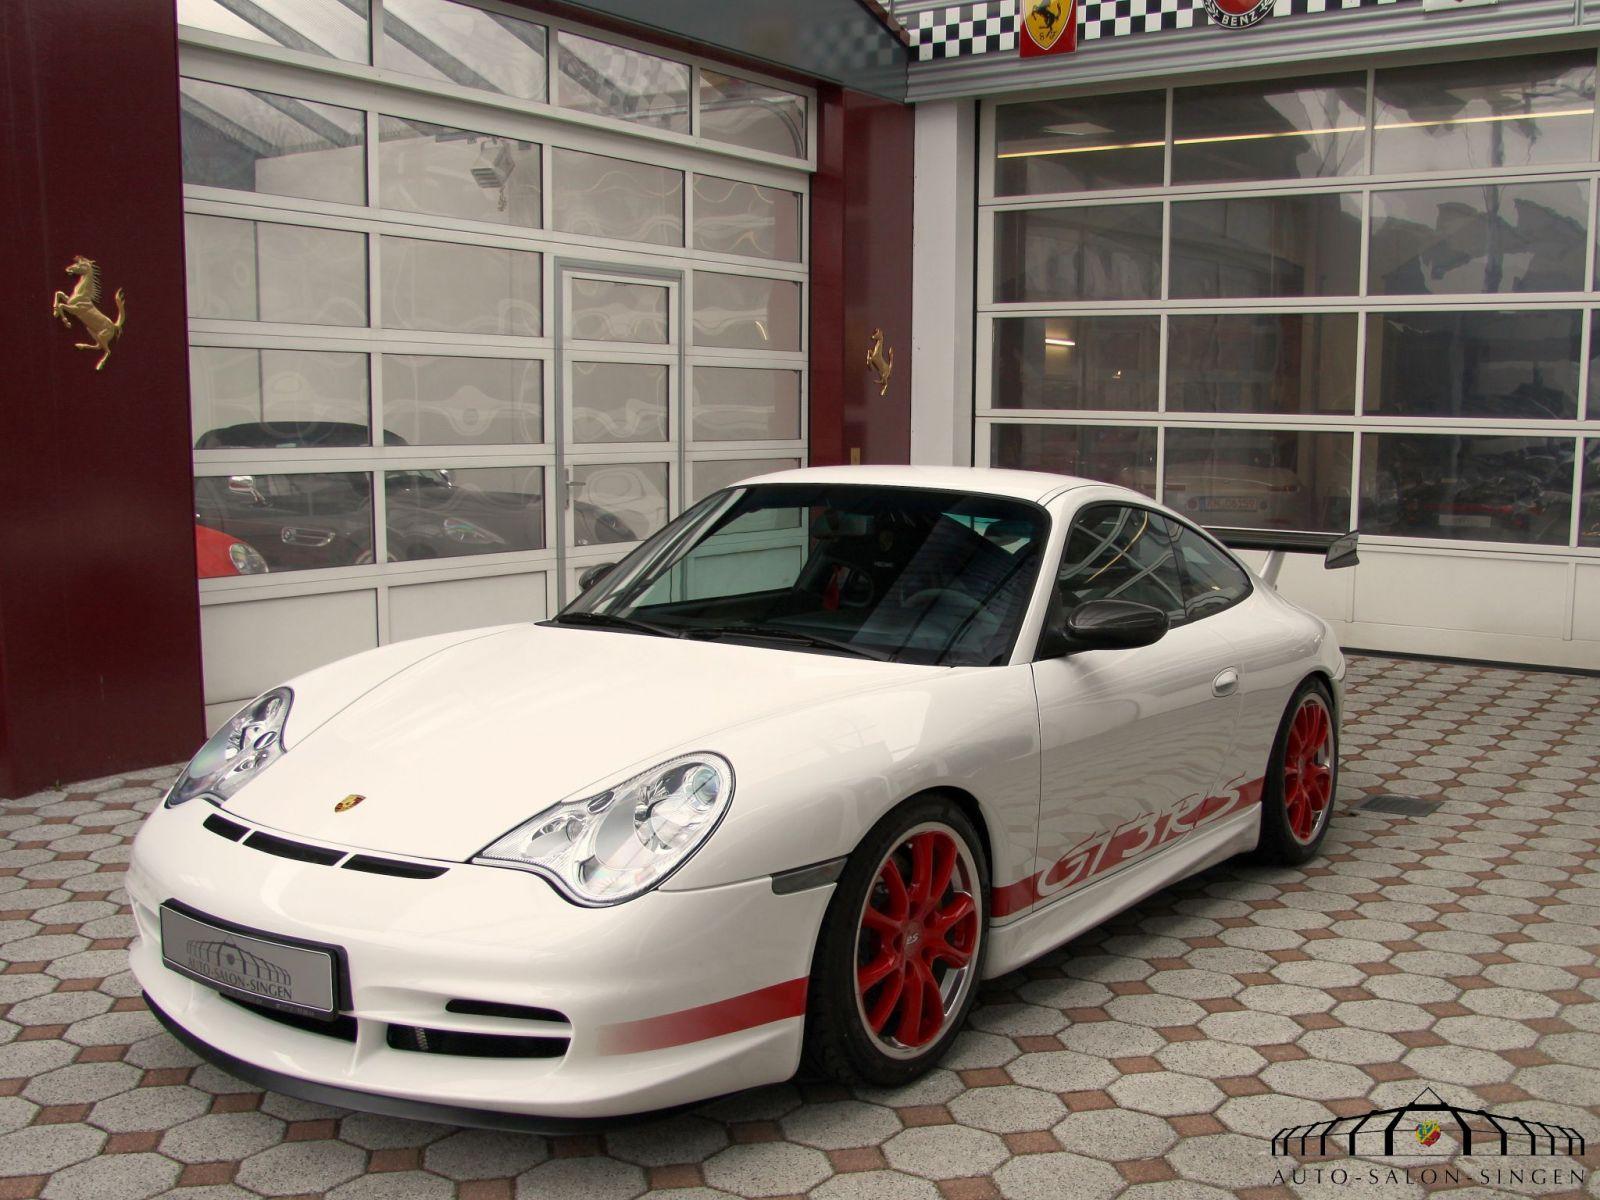 Porsche 996 Gt3 Rs Coupe Auto Salon Singen